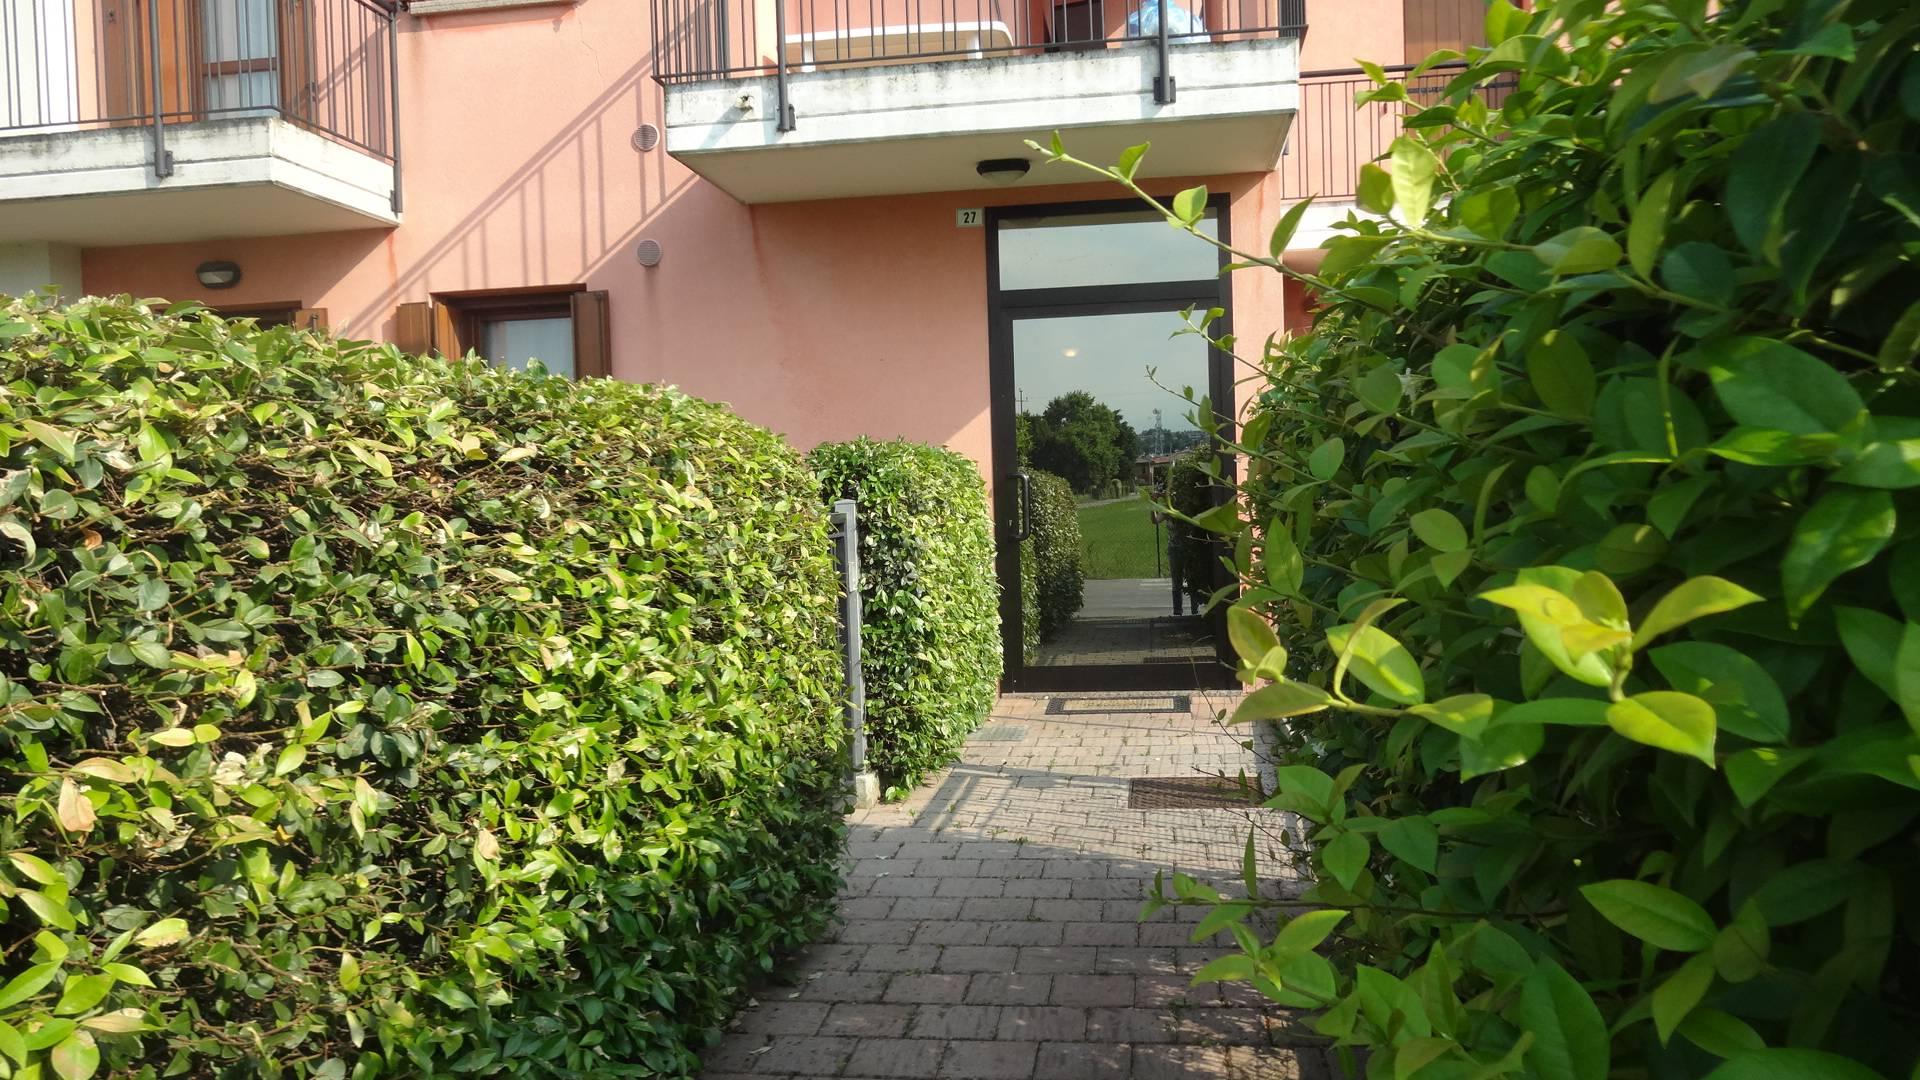 Appartamento in affitto a Montebelluna, 2 locali, zona Zona: Guarda, prezzo € 400 | Cambio Casa.it